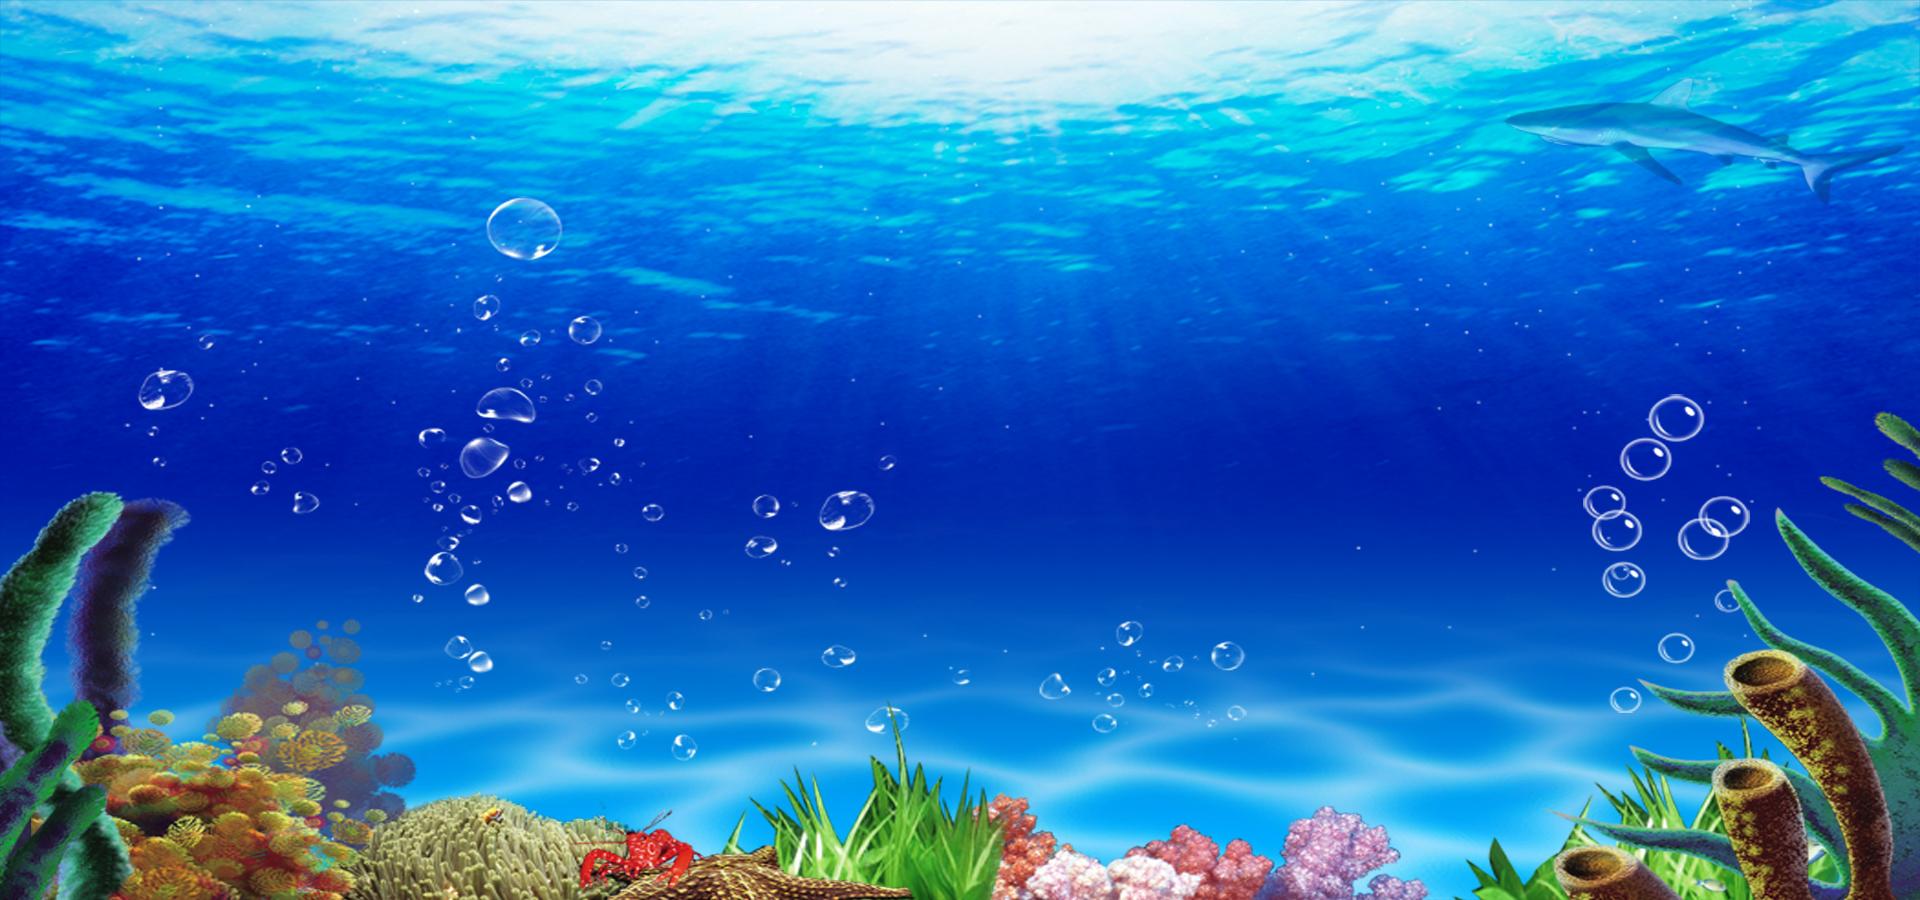 contexte l u0026 39  u00e9cran star les  u00e9toiles contexte aquarium